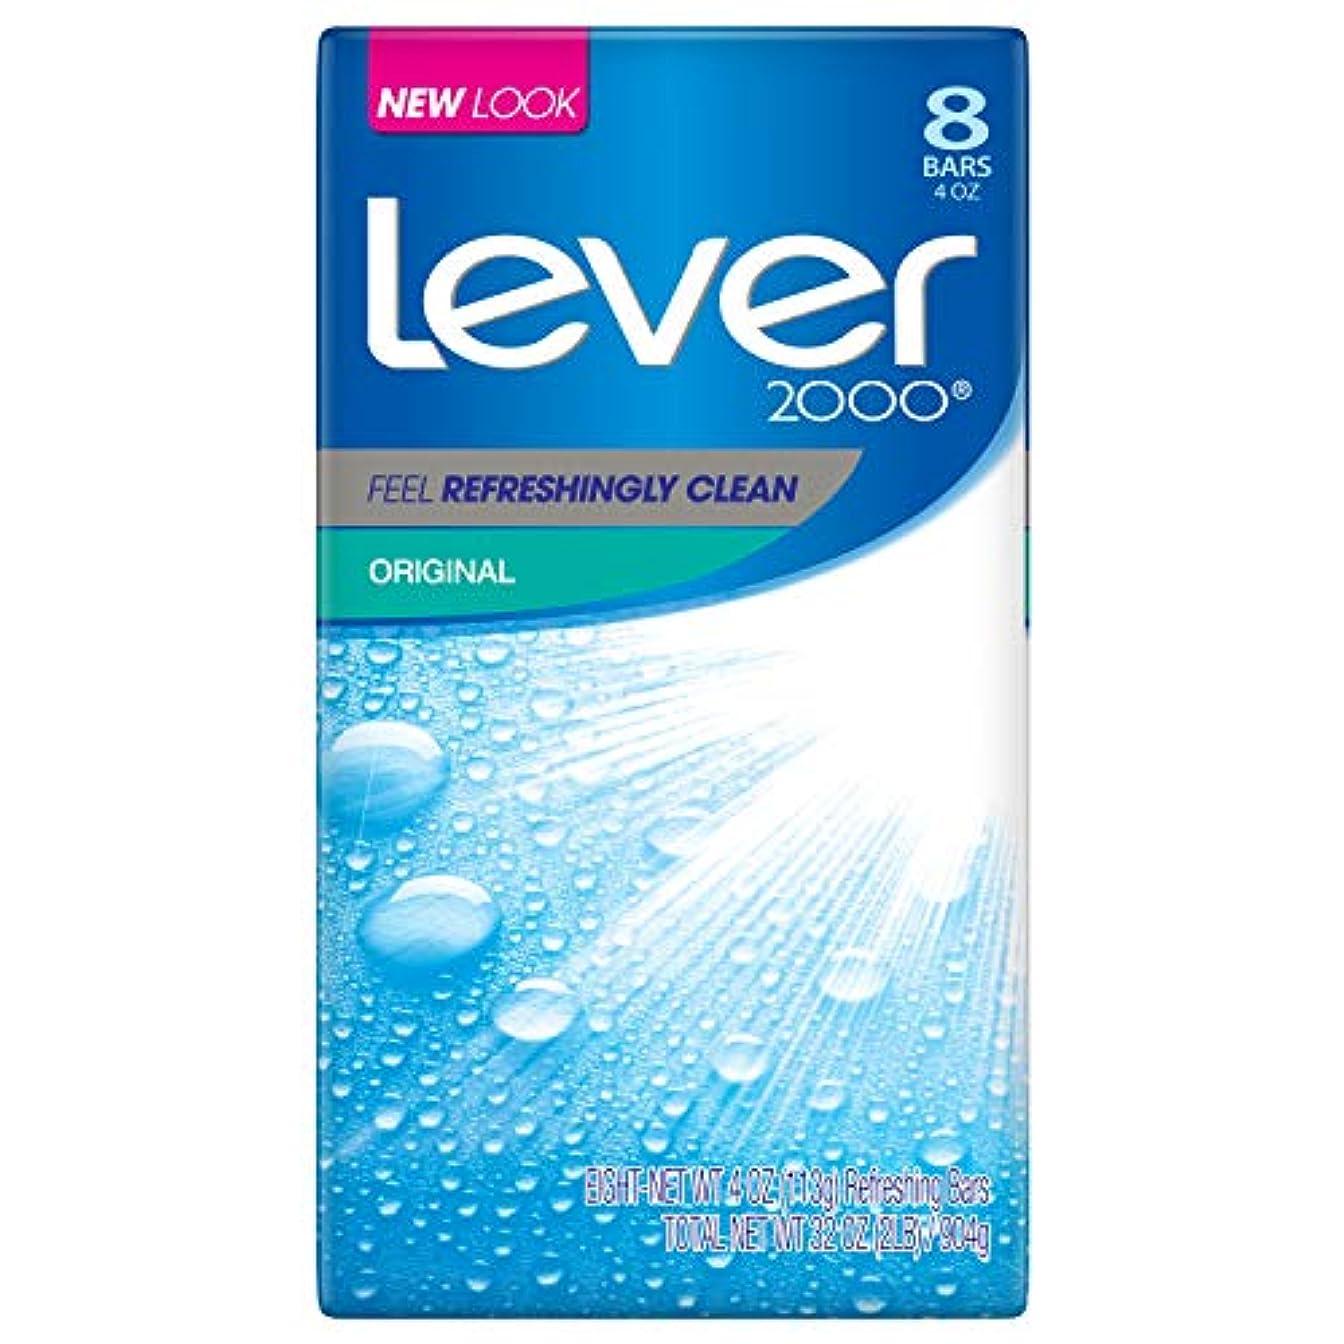 残基サバント免疫するLever 2000 石鹸、オリジナル4オズ、8バー